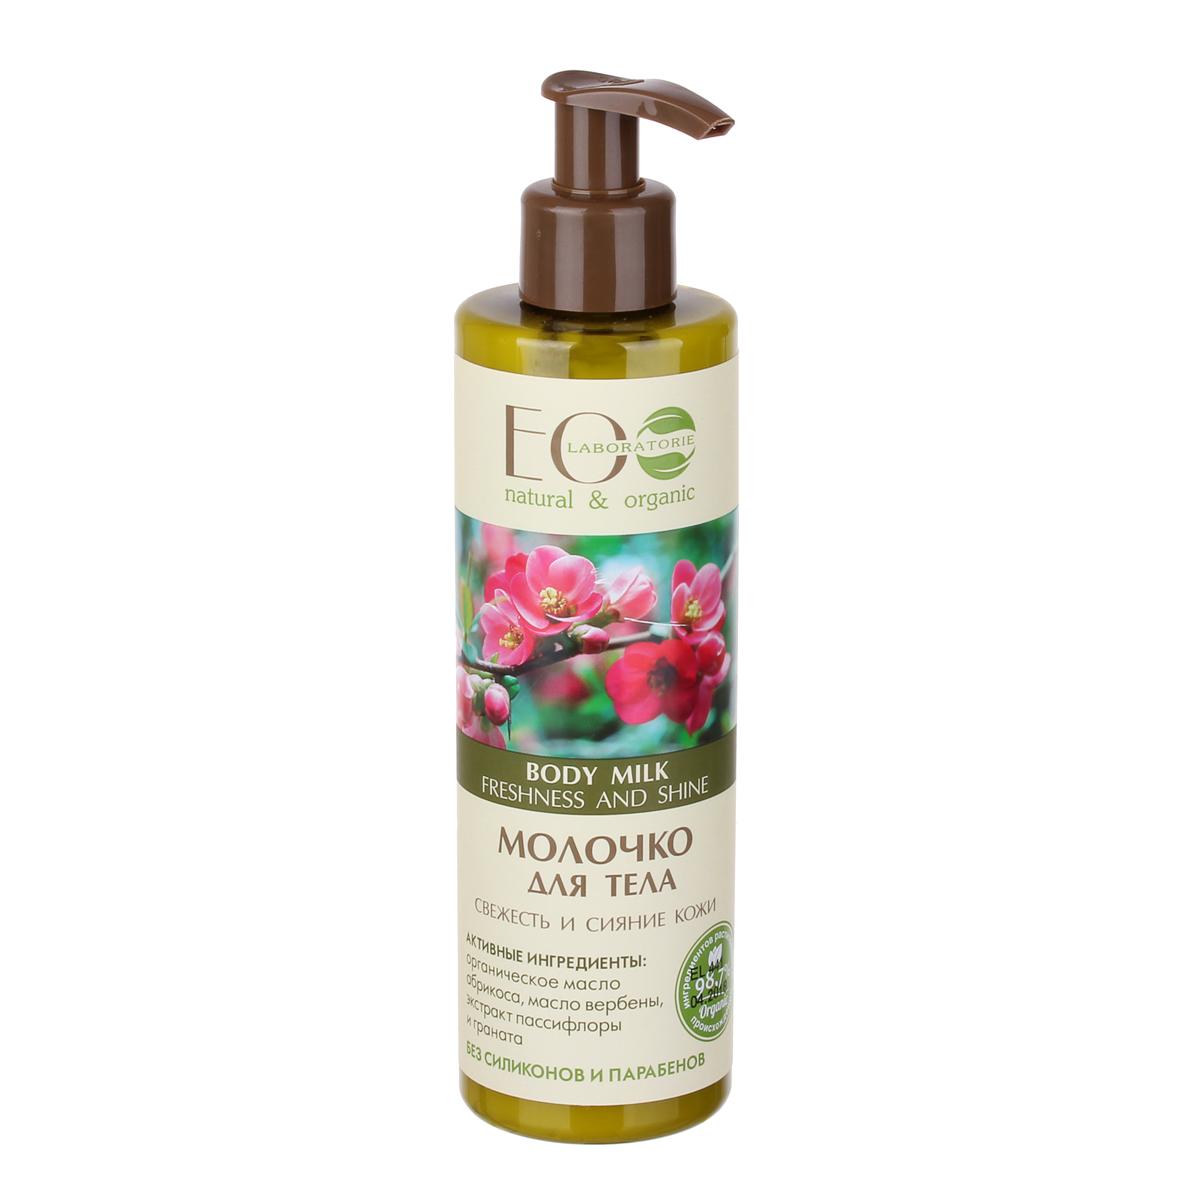 EO laboratorie Молочко для тела Свежесть 250 мл4627089430885Увлажняет, смягчает кожу, делает её шелковистой, препятствует обезвоживанию, итает и успокаивает кожу, оставляя ощущение свежести и увлажненности.Активные ингредиенты: органическое масло абрикоса, экстракт граната, масло абрикоса, масло вербены, экстракт пассифлоры и граната